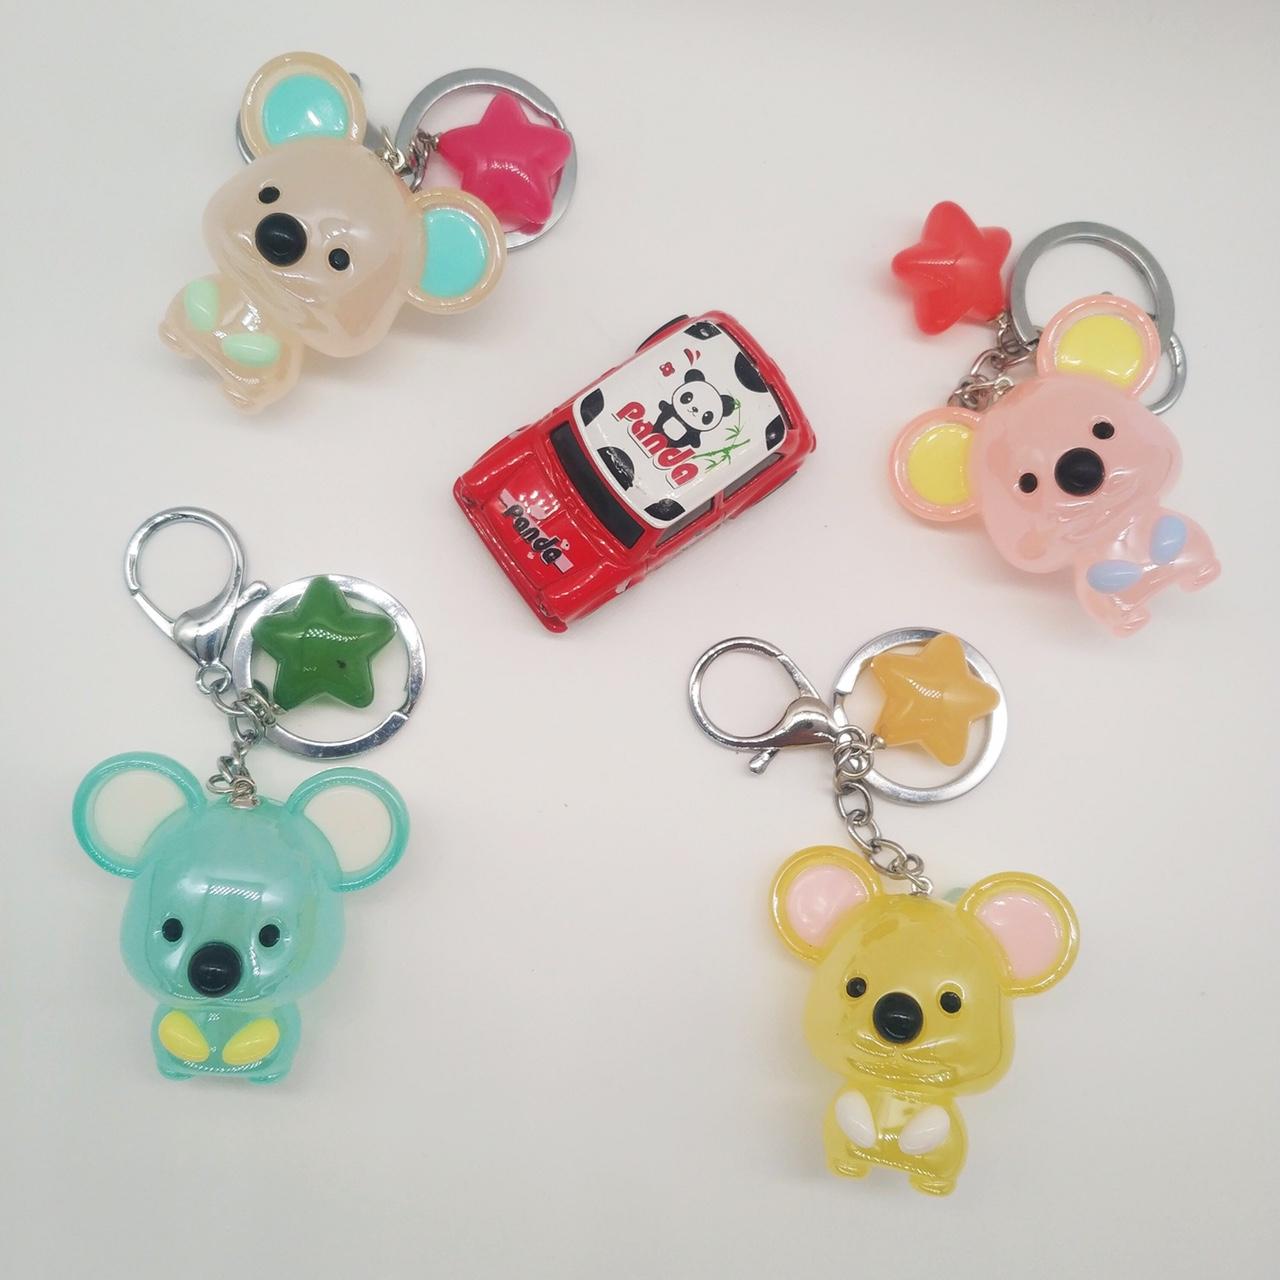 果冻老鼠钥匙扣挂件汽车钥匙扣挂件